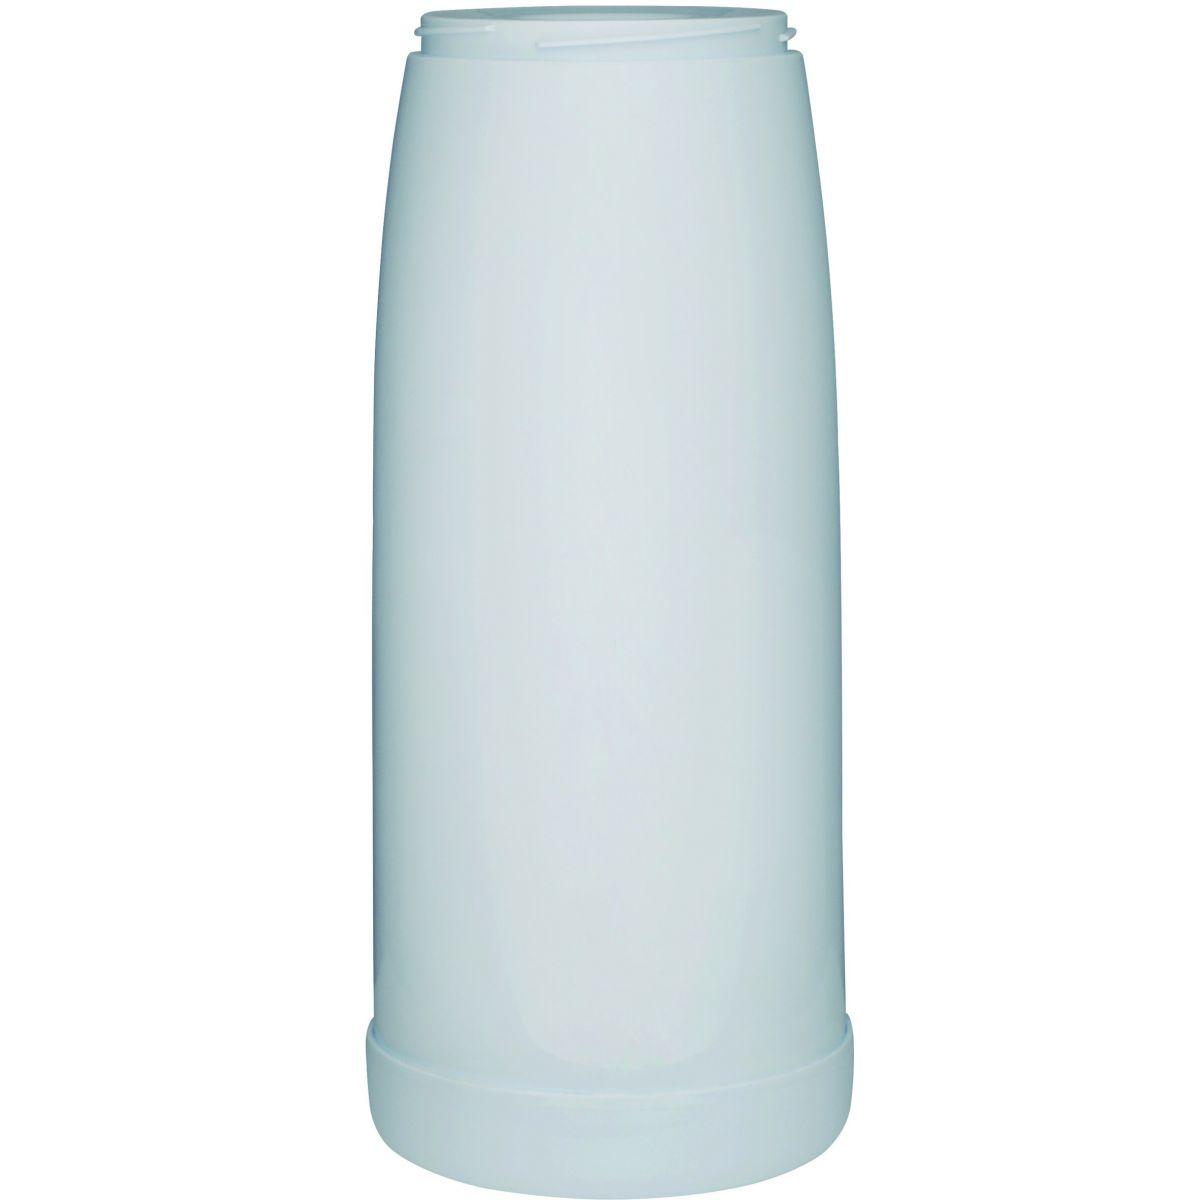 Garrafa Térmica Pressão 1,9 Litros Nobile Branca Mor